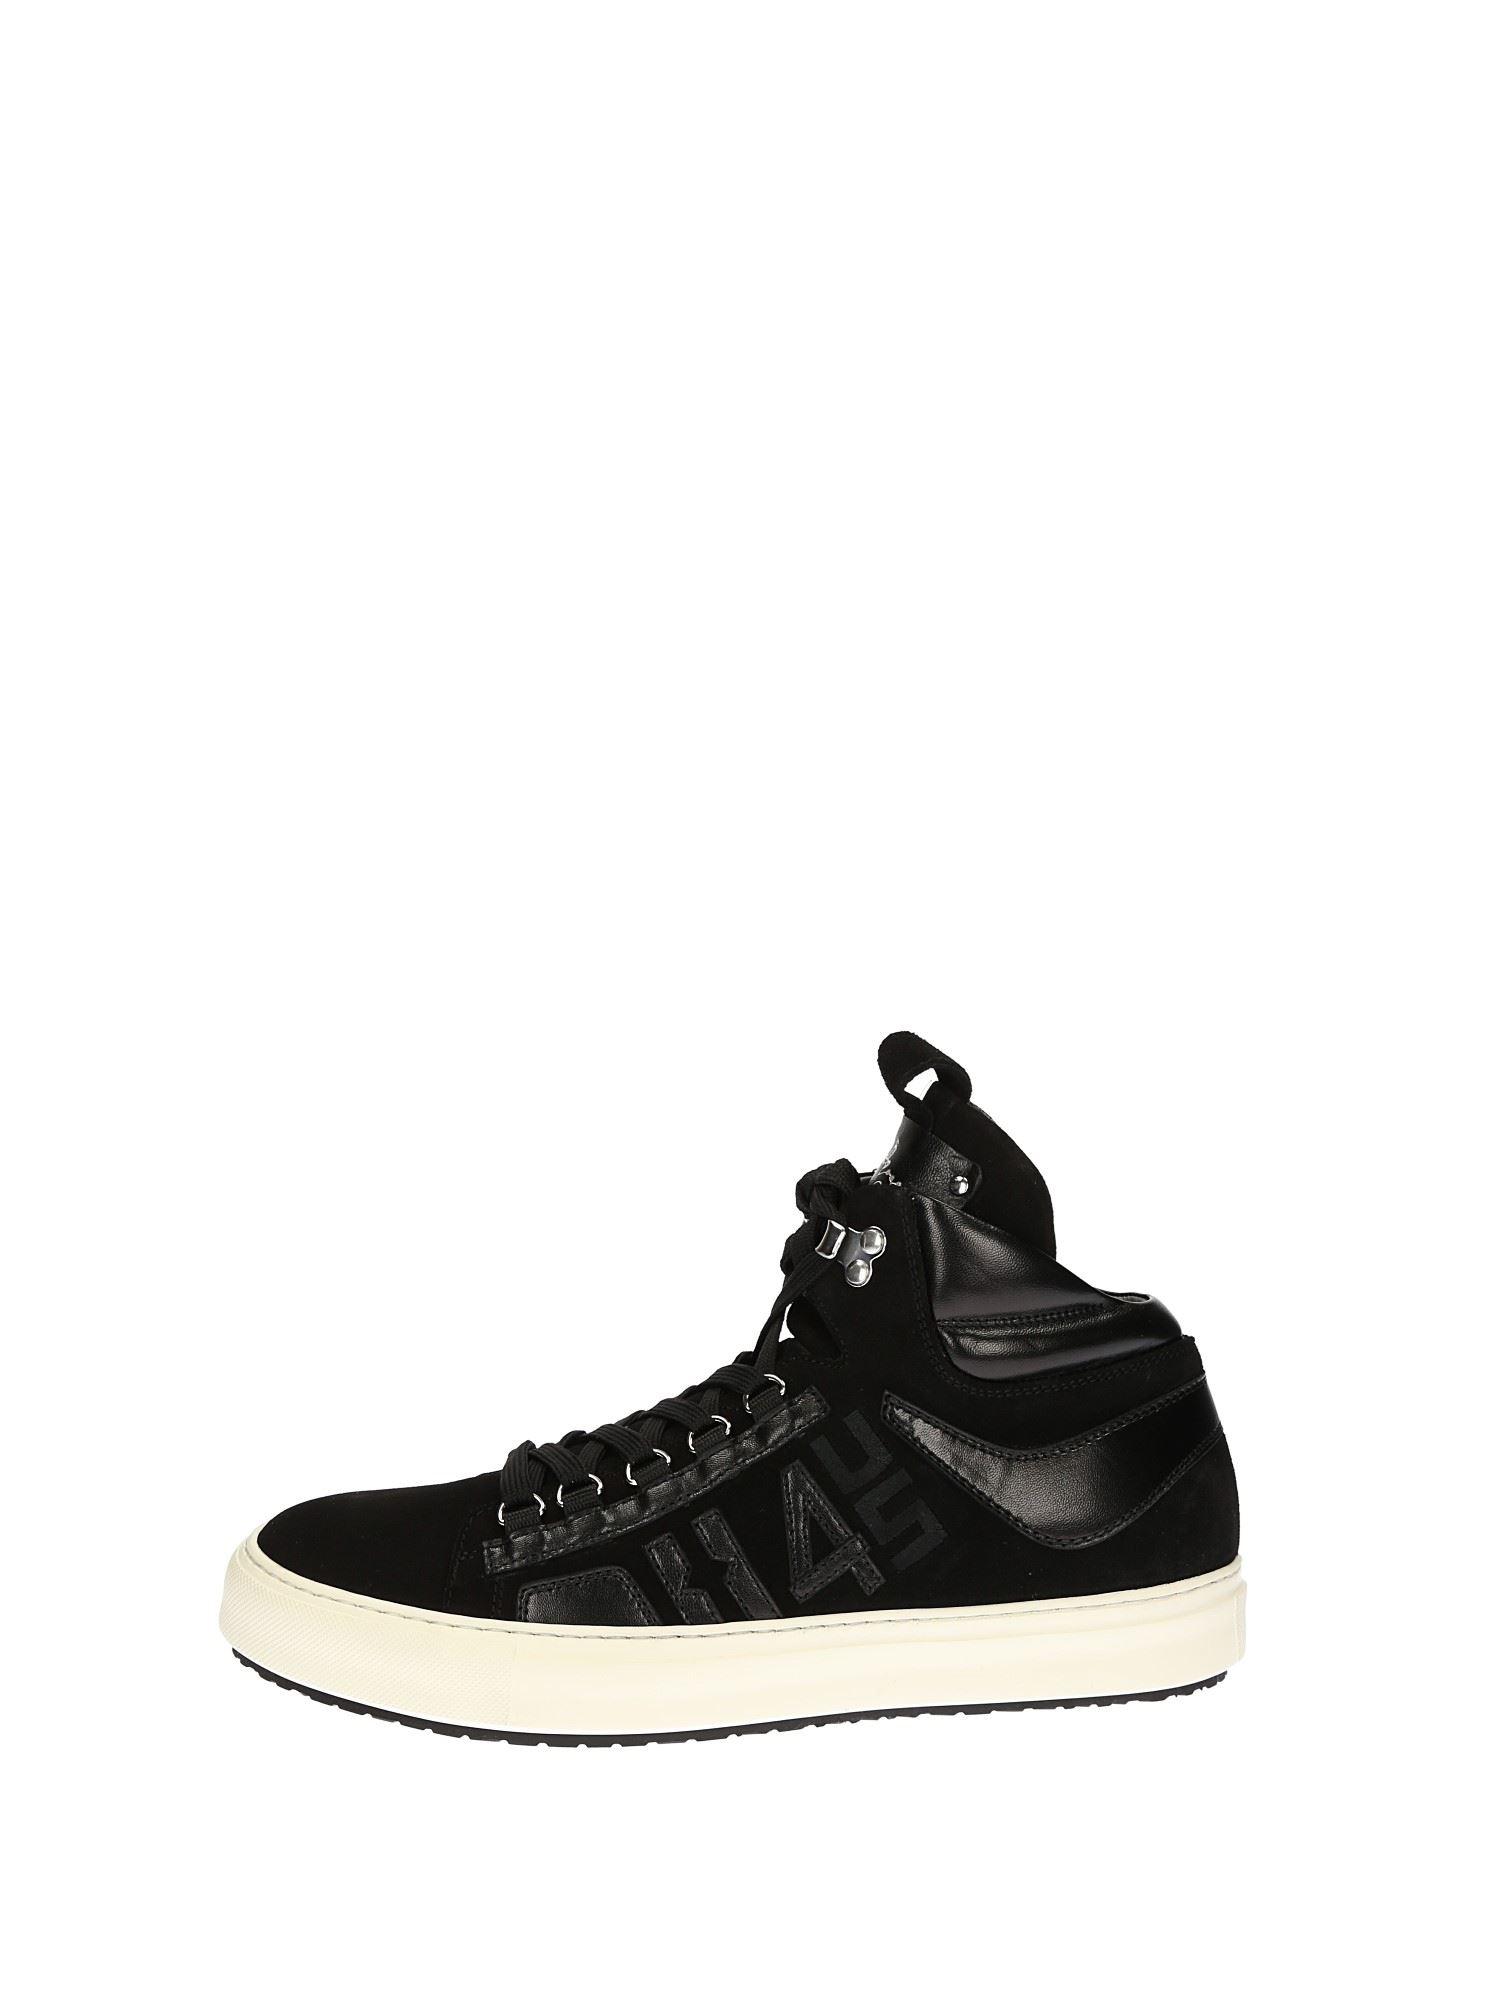 b10c054263 Cesare Paciotti Sneakers Alte Uomo Nero | Lalilina